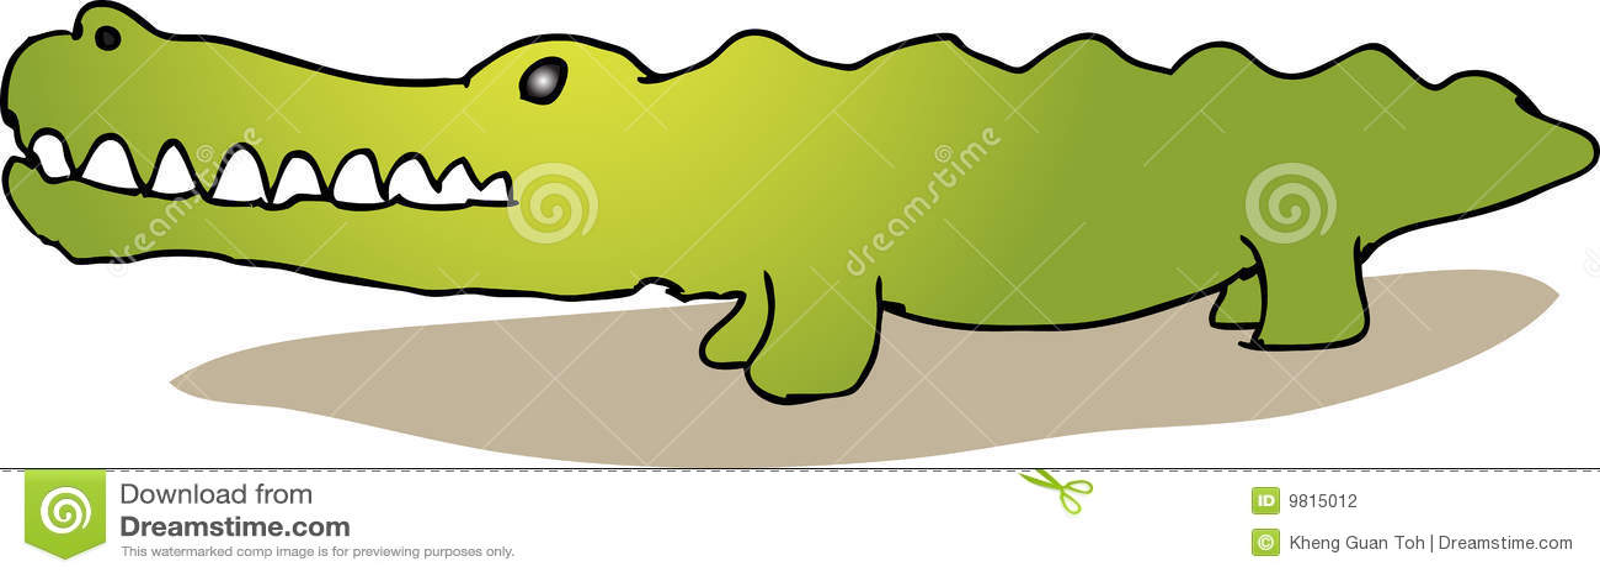 Alligator mignon de dessin anim photographie stock - Image crocodile dessin ...